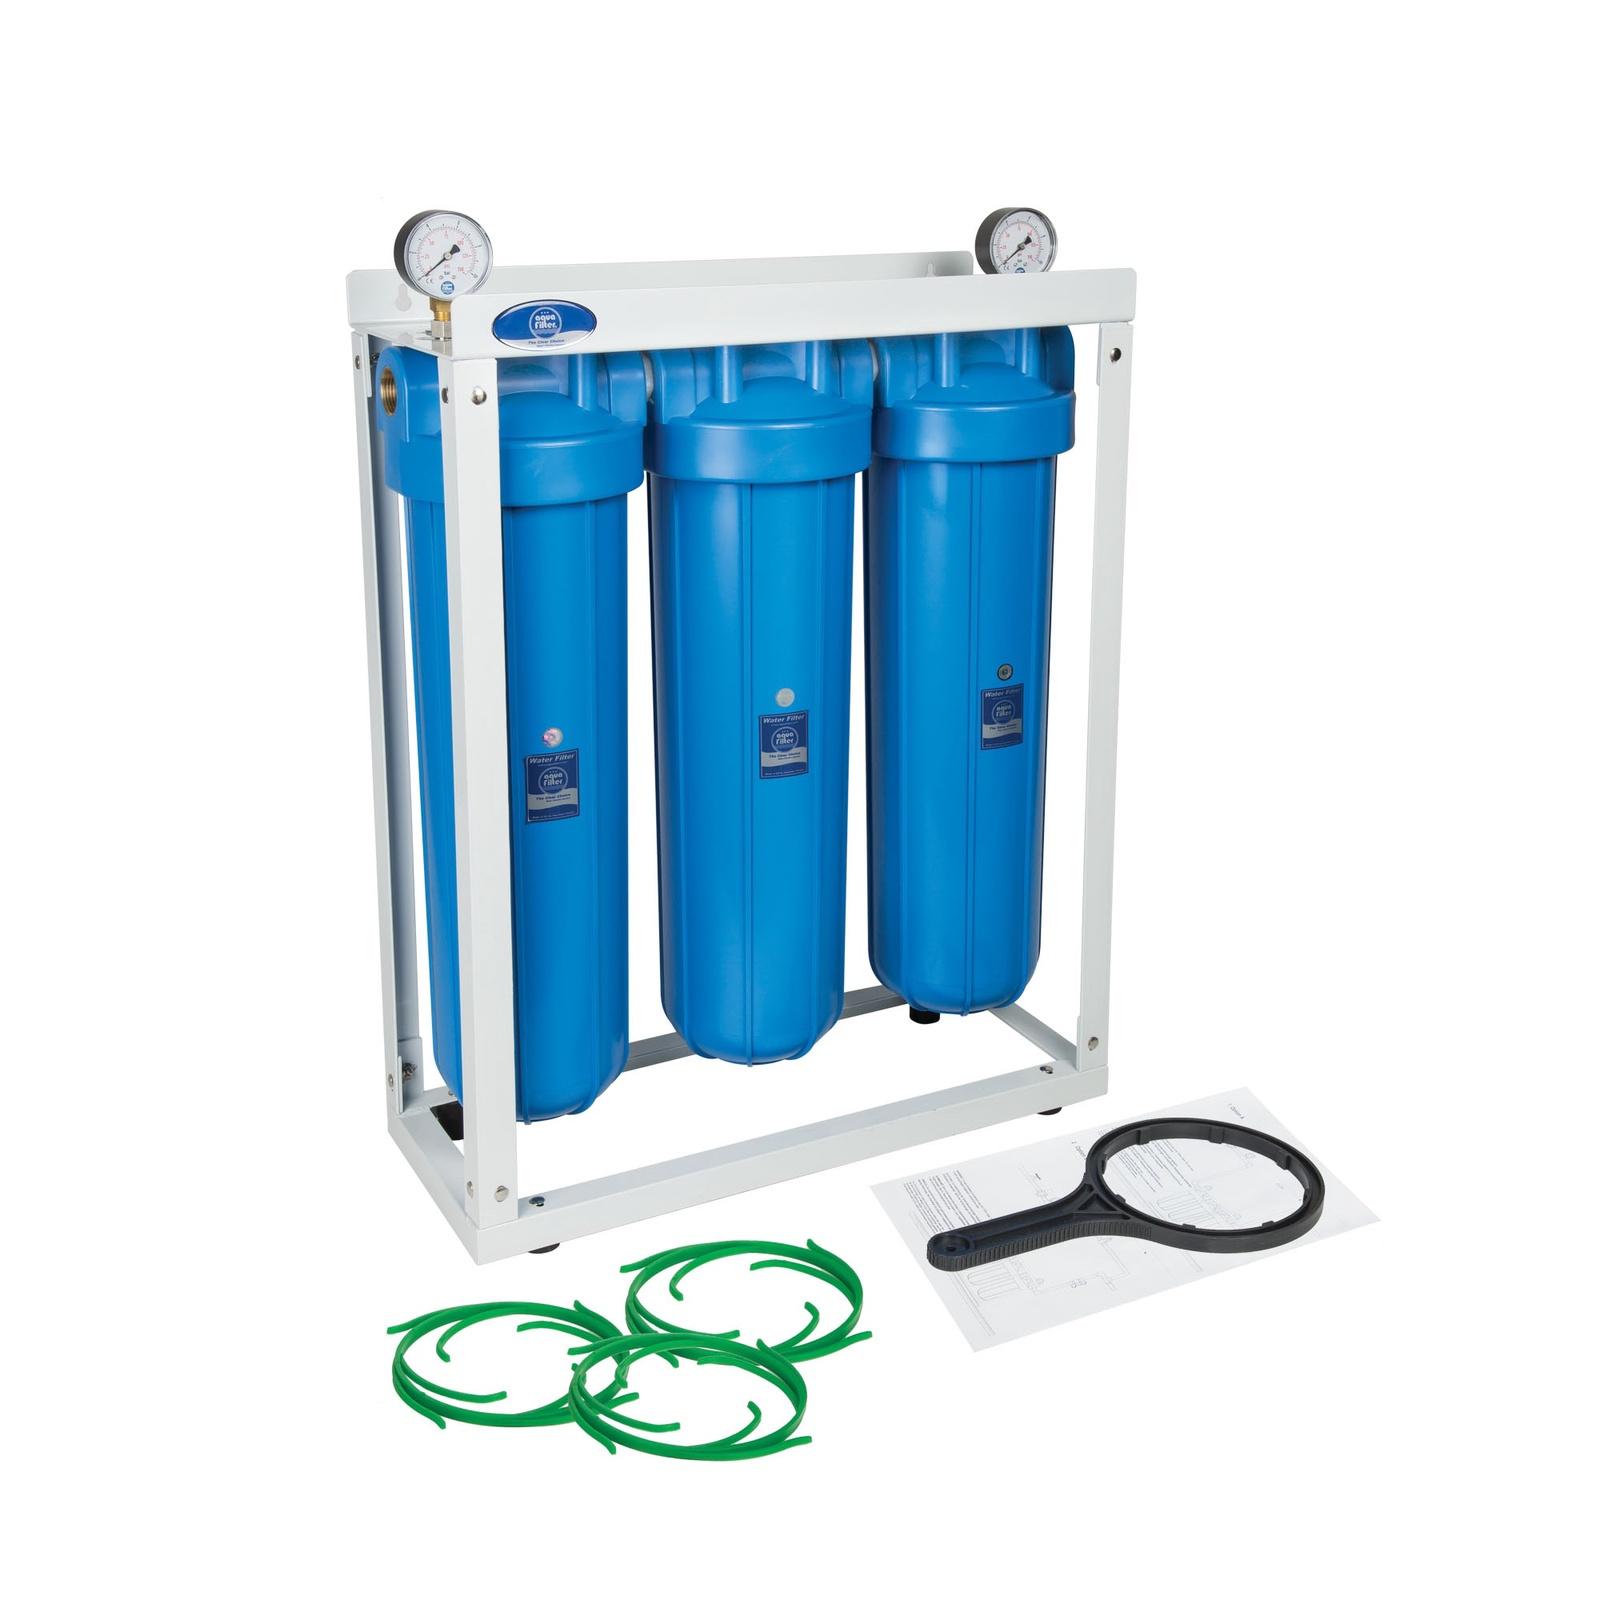 Фильтр из 3-х корпусов 20 BB на стеллаже, с двумя манометрами входе и выходе, Комплексная очистка, Aquafilter HHBB20B, 566